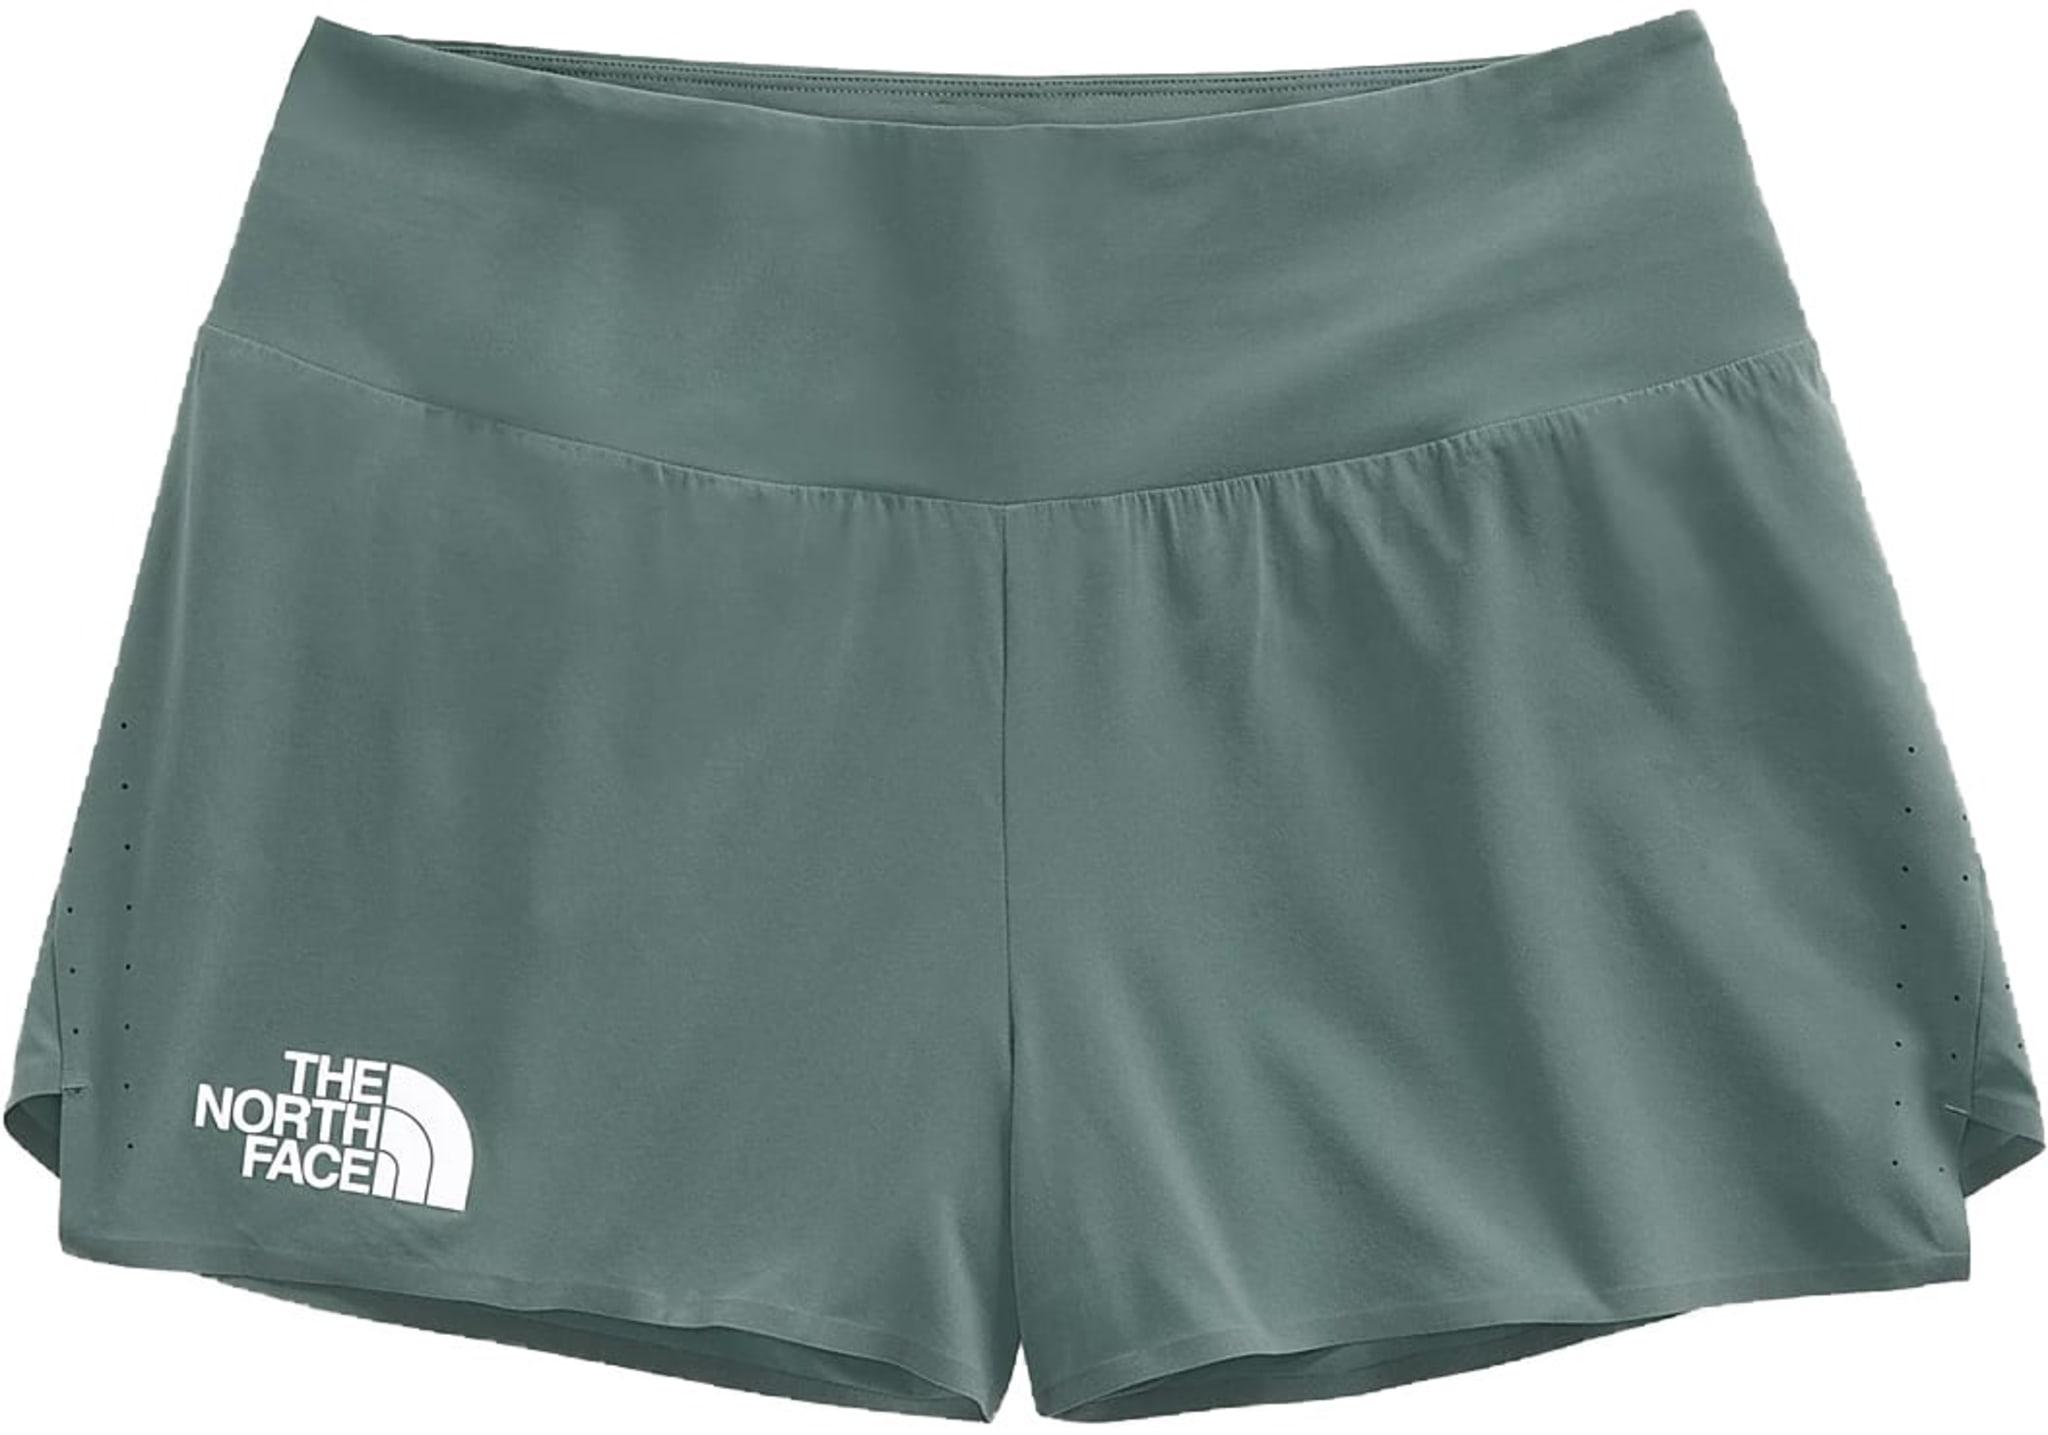 Flight Stridelight er en komfortabel og stretchy shorts, som passer til både korte og lange løpeturer.